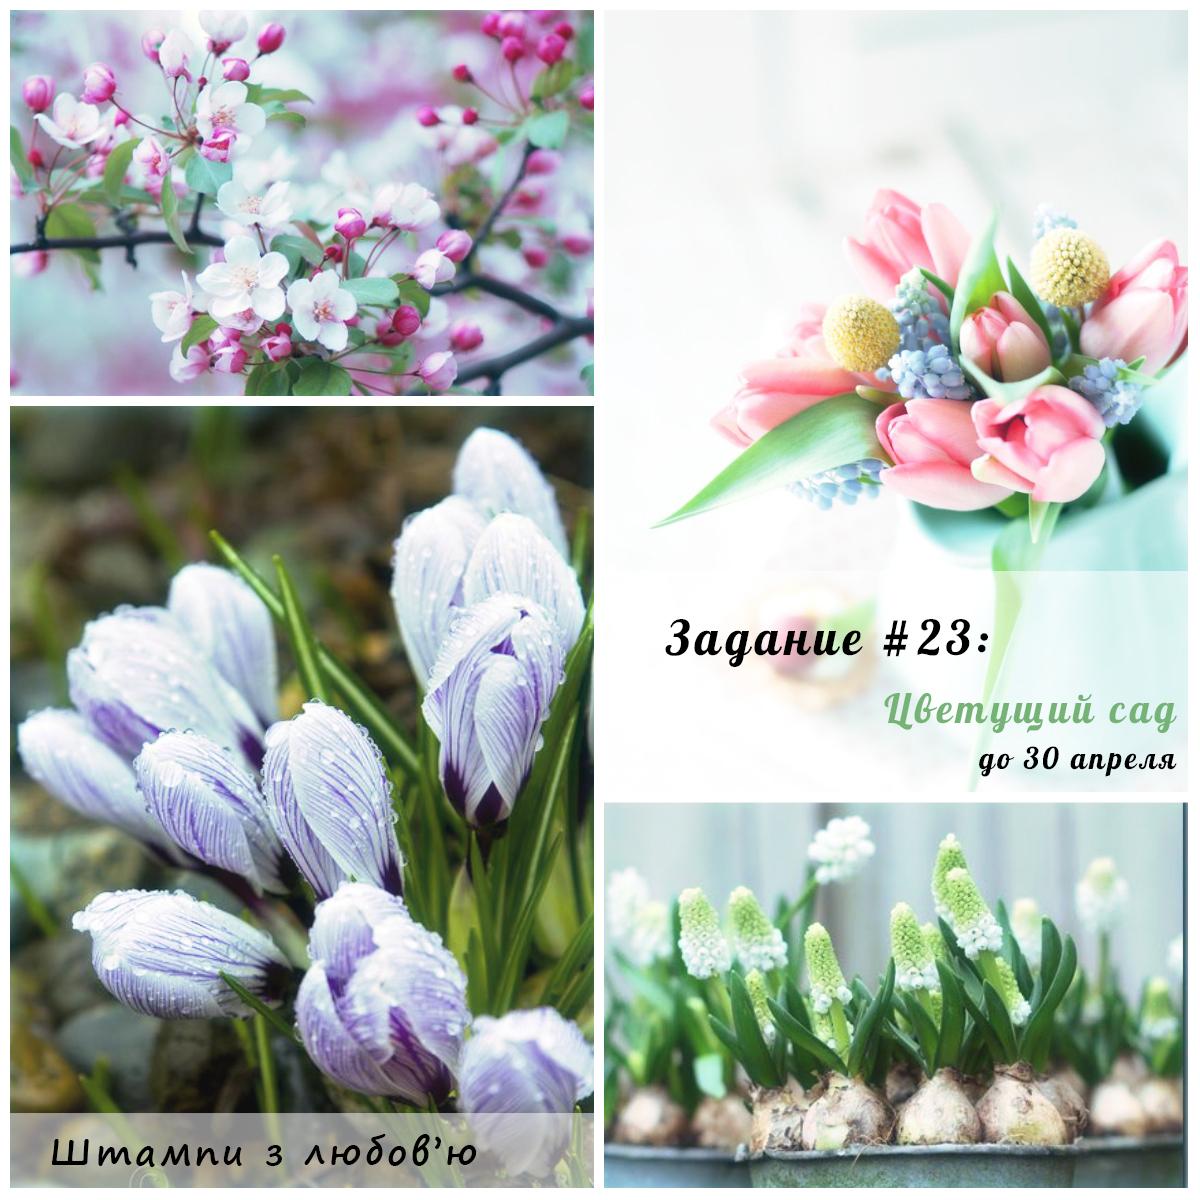 http://stampsforcrafts.blogspot.com/2015/04/23-23.html